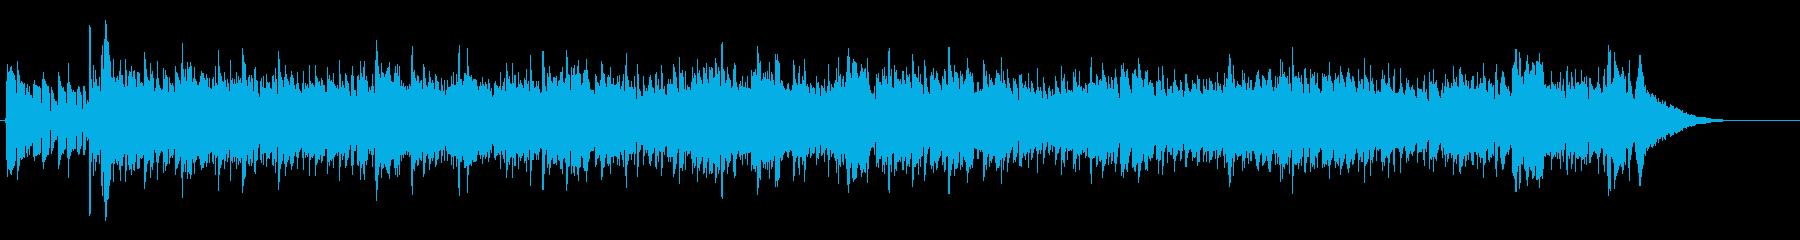 カントリー 喧嘩 カジノ 酒場 ロデオの再生済みの波形